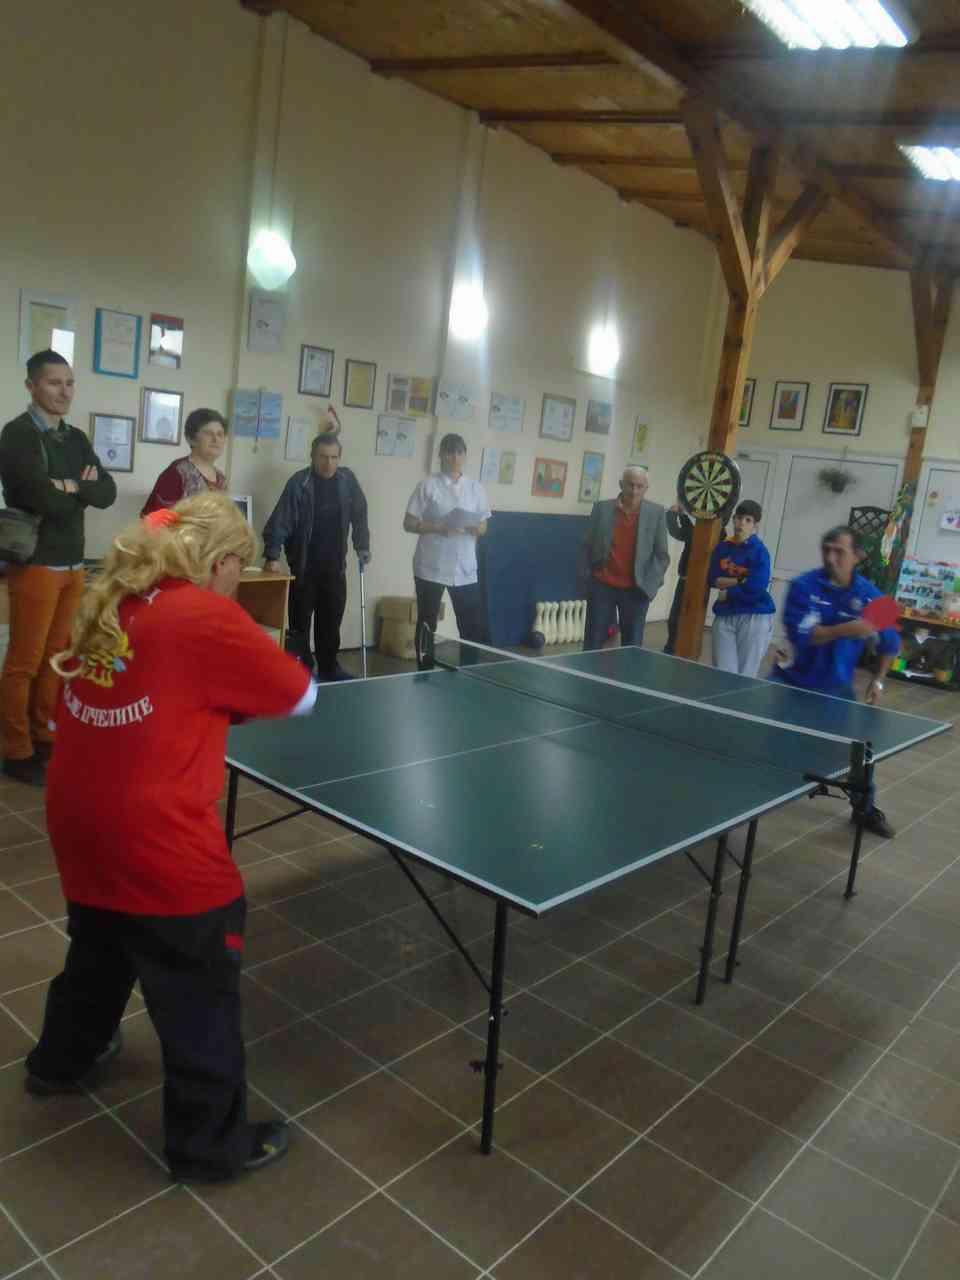 Спортски турнир под називом: И МИ ТО МОЖЕМО - 29.11.2016.г. - ГЦ Јагодина - слика 5